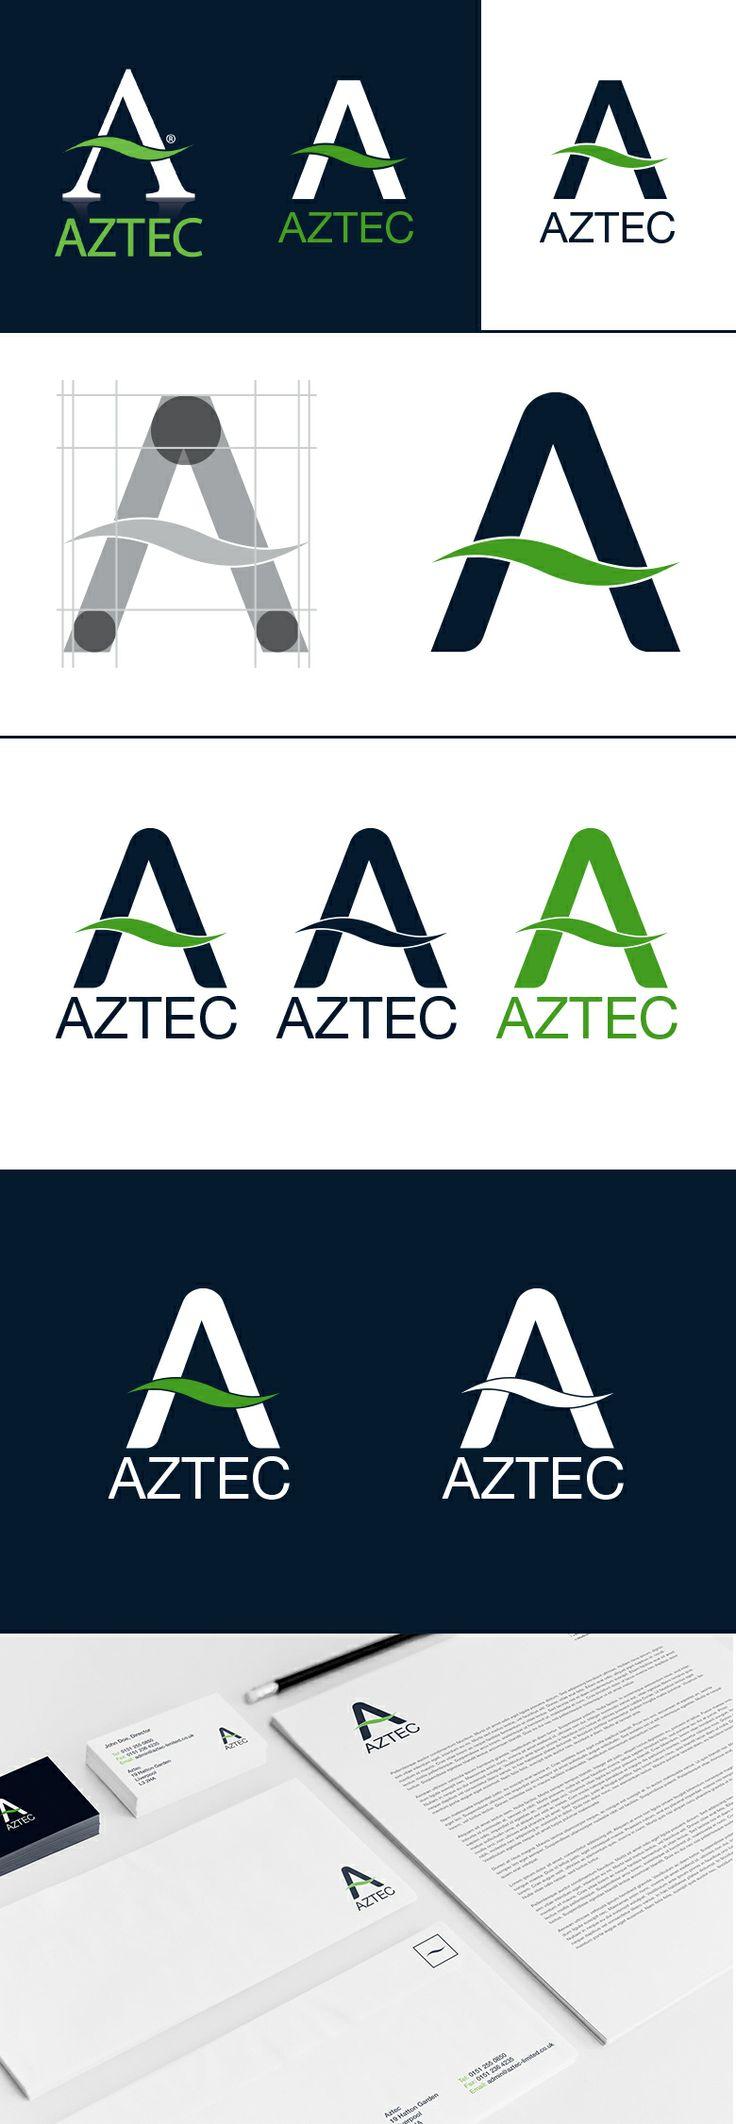 Logo development for Aztec Interiors. Modernising logo